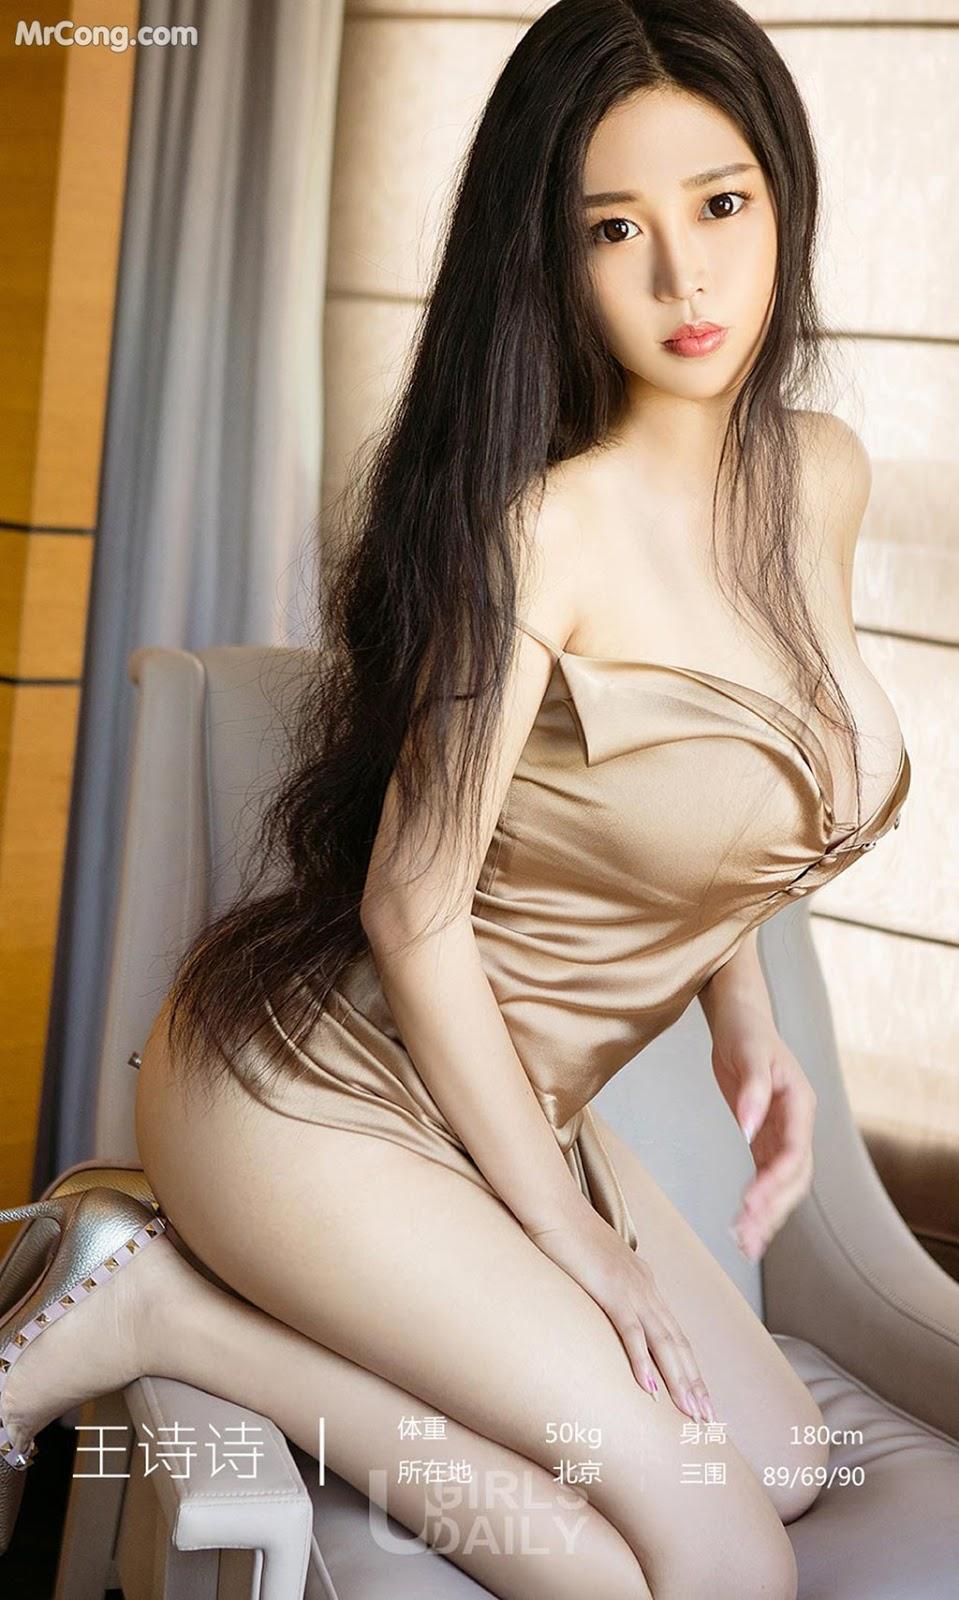 Image UGIRLS-Ai-You-Wu-App-No.1265-Wang-Shi-Shi-MrCong.com-003 in post UGIRLS – Ai You Wu App No.1265: Người mẫu Wang Shi Shi (王诗诗) (35 ảnh)